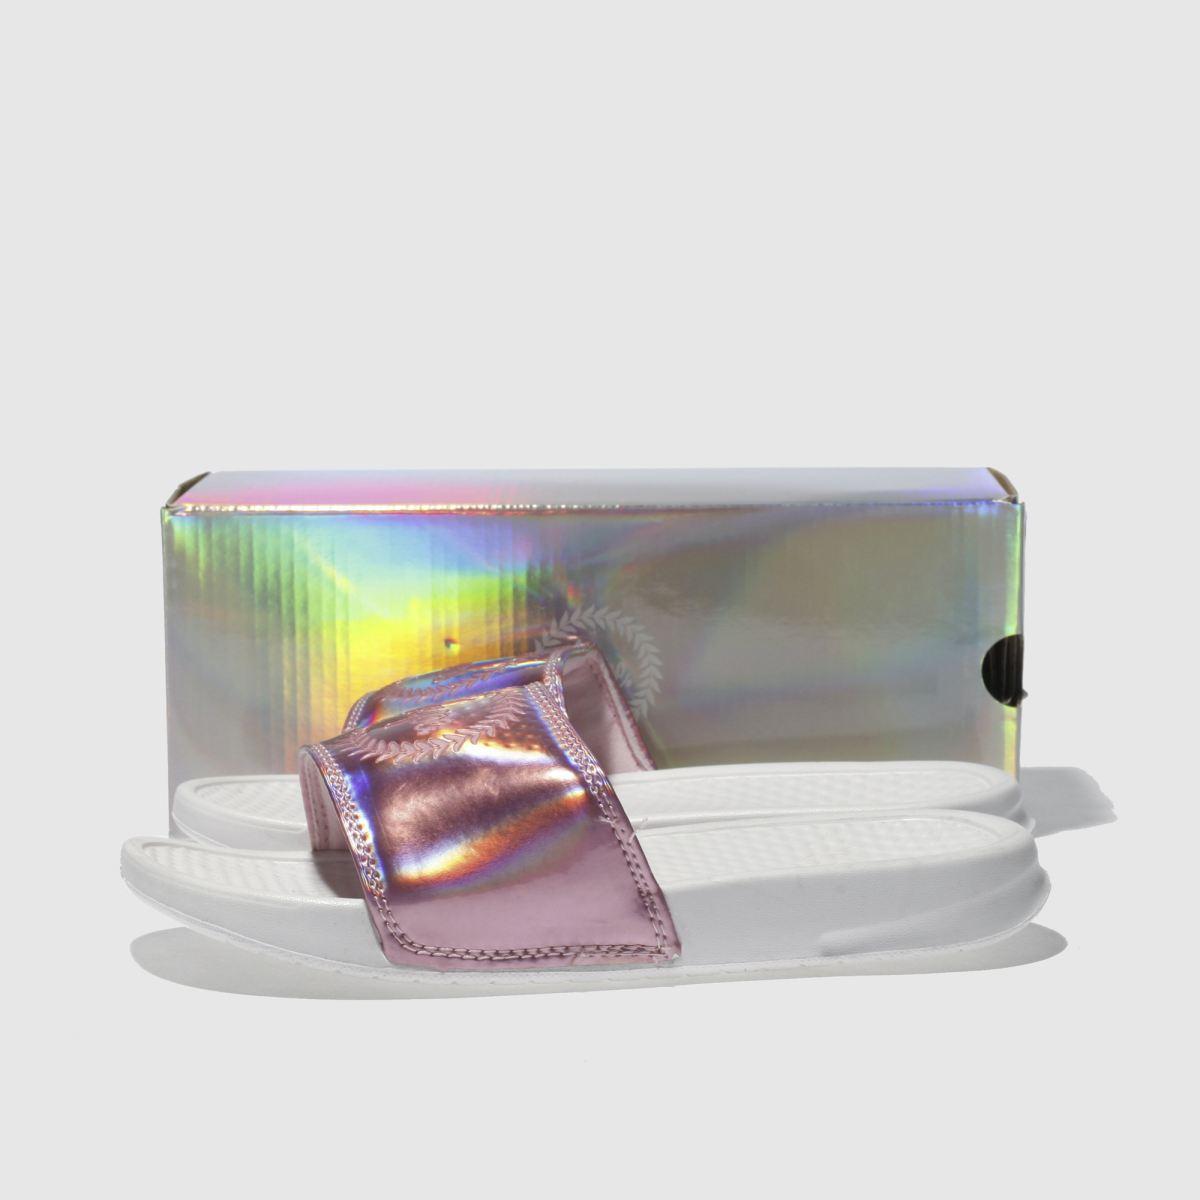 Damen Pink Gute hype Holographic Slider Sandalen | schuh Gute Pink Qualität beliebte Schuhe 417252